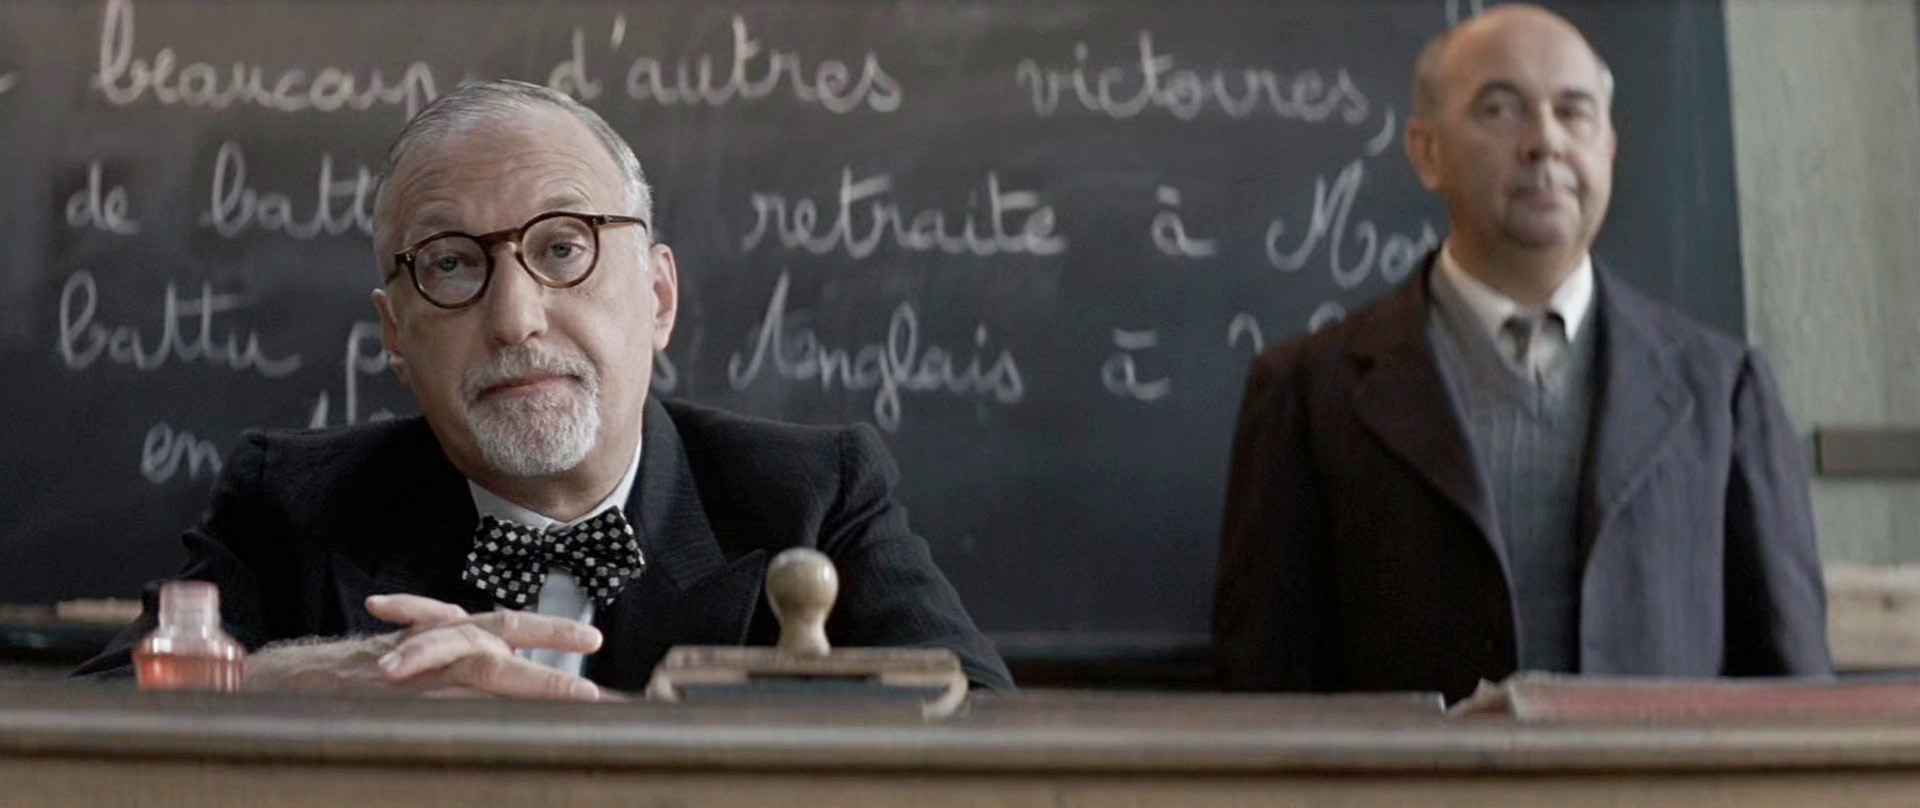 《放牛班的春天》:影史上最伟大的教育电影,你真的看懂了吗?